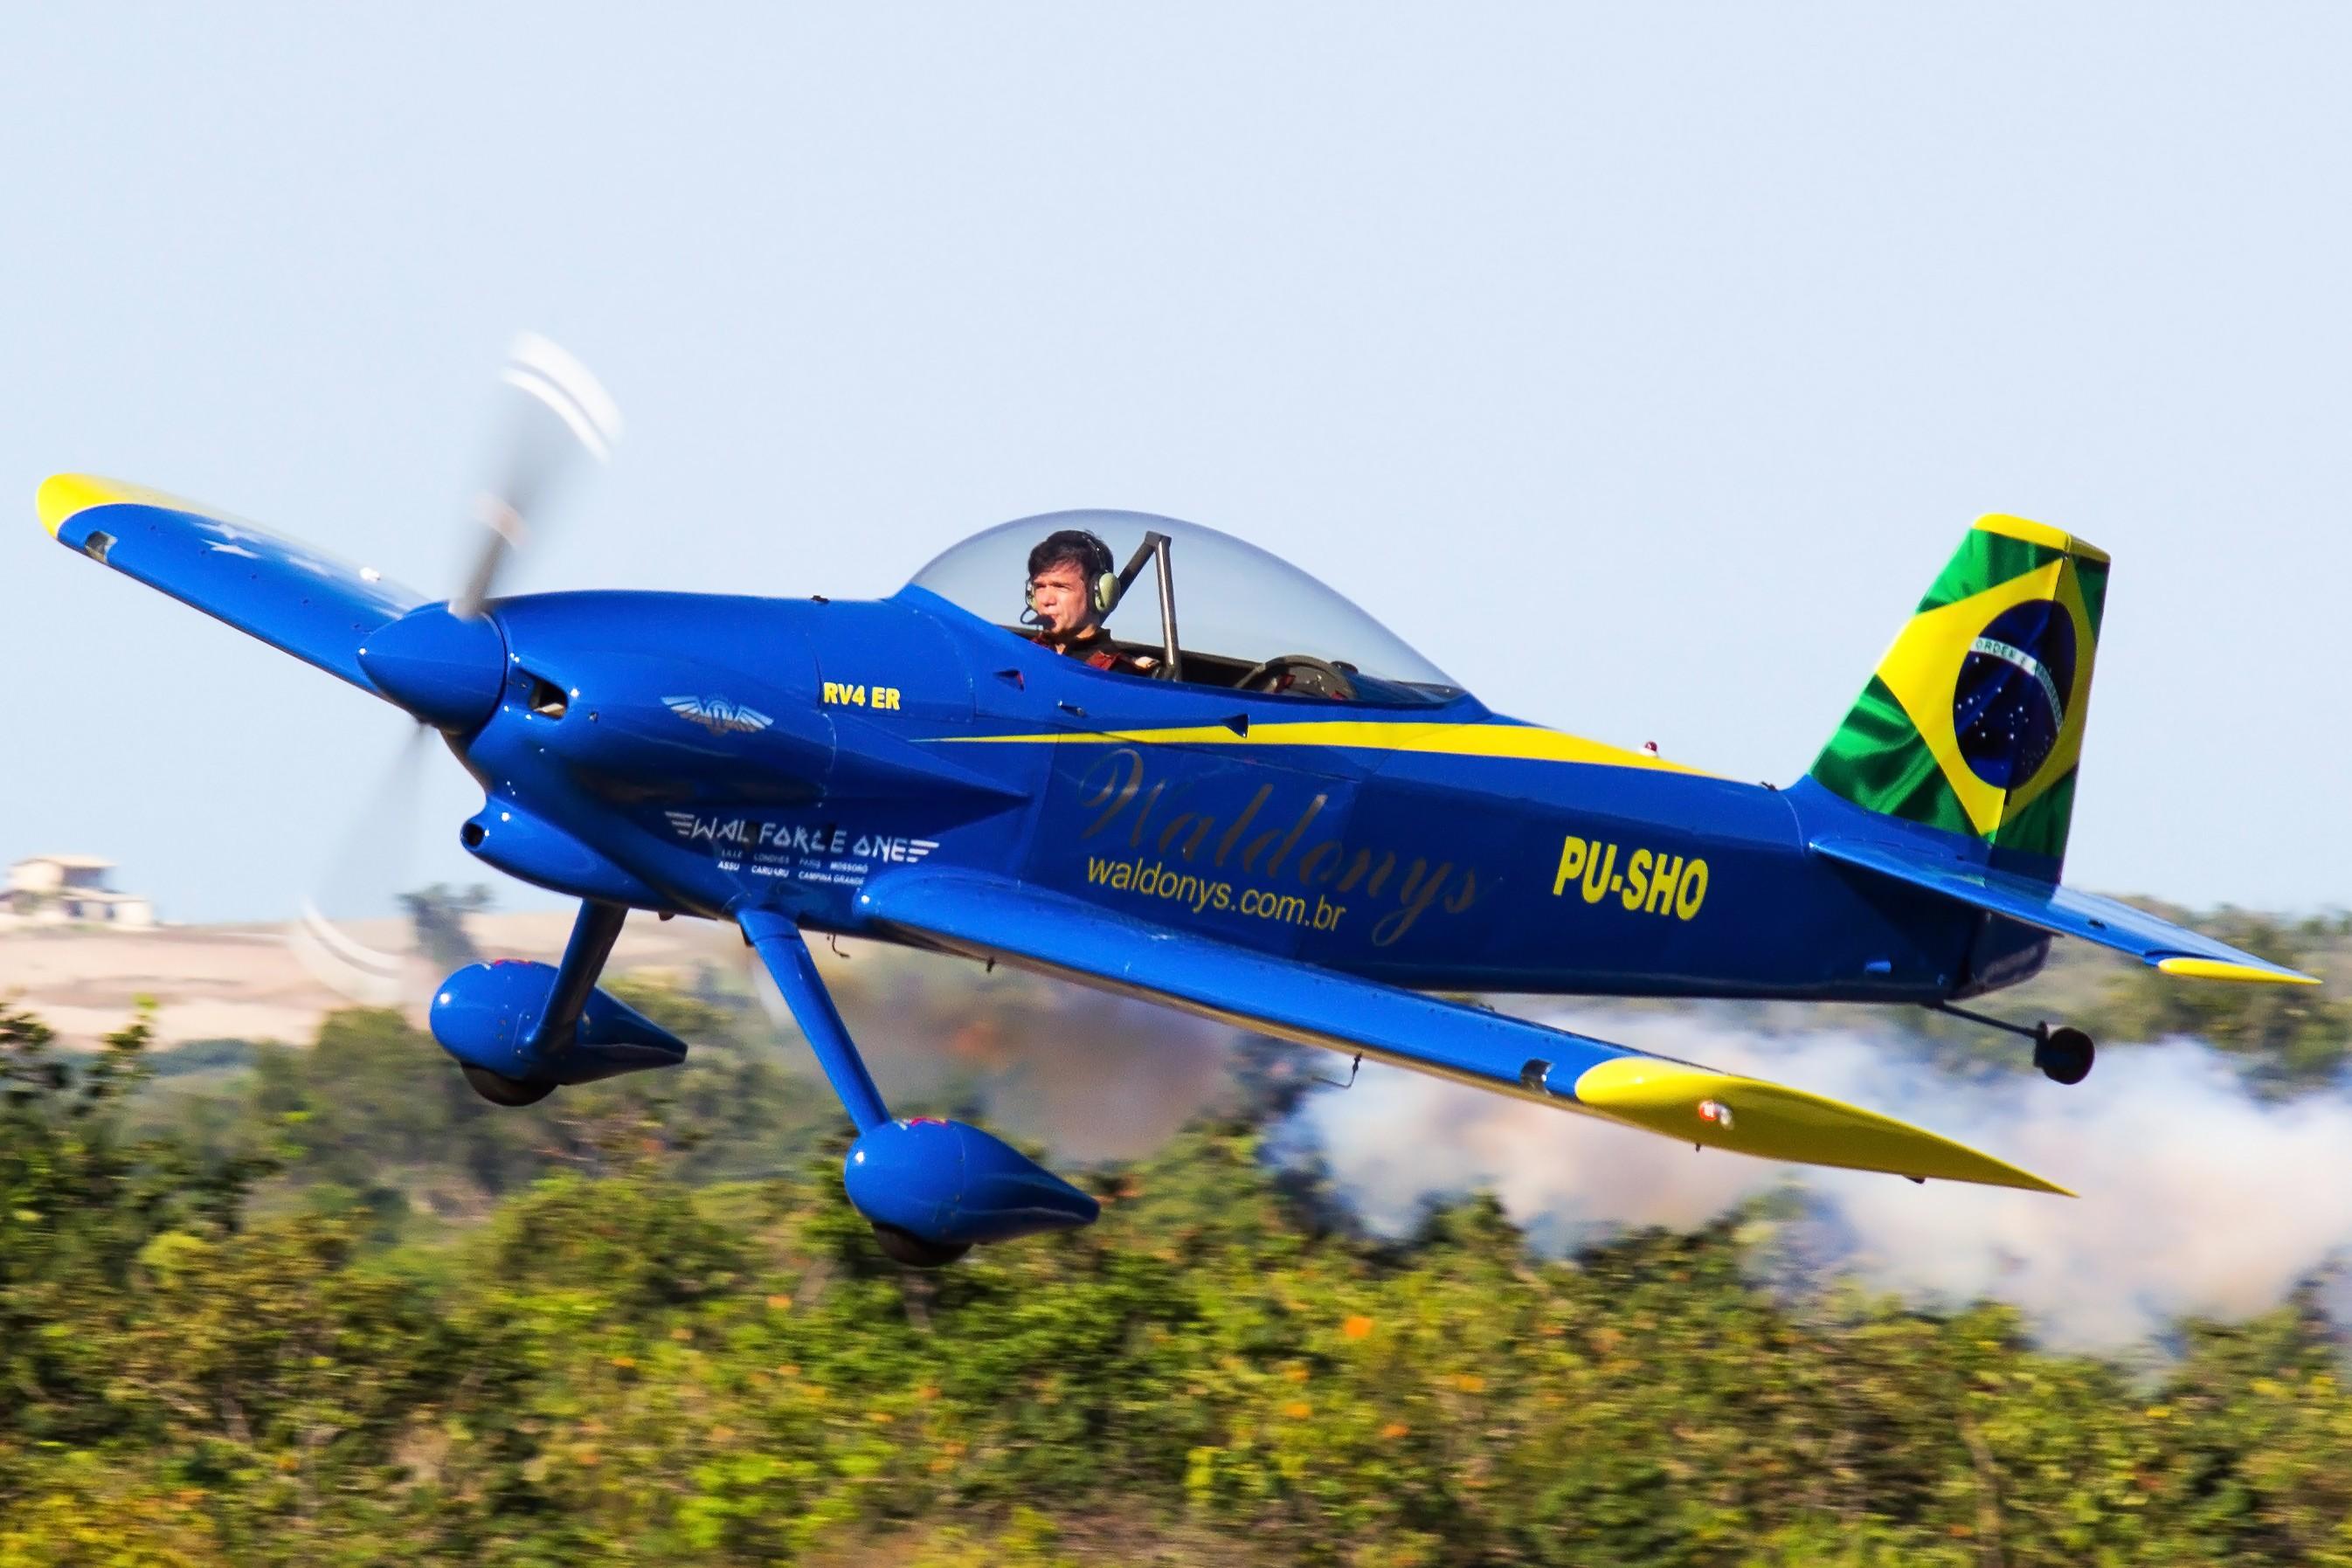 Com presença de Waldonys, evento reúne aeronaves de pequeno porte na Grande Natal